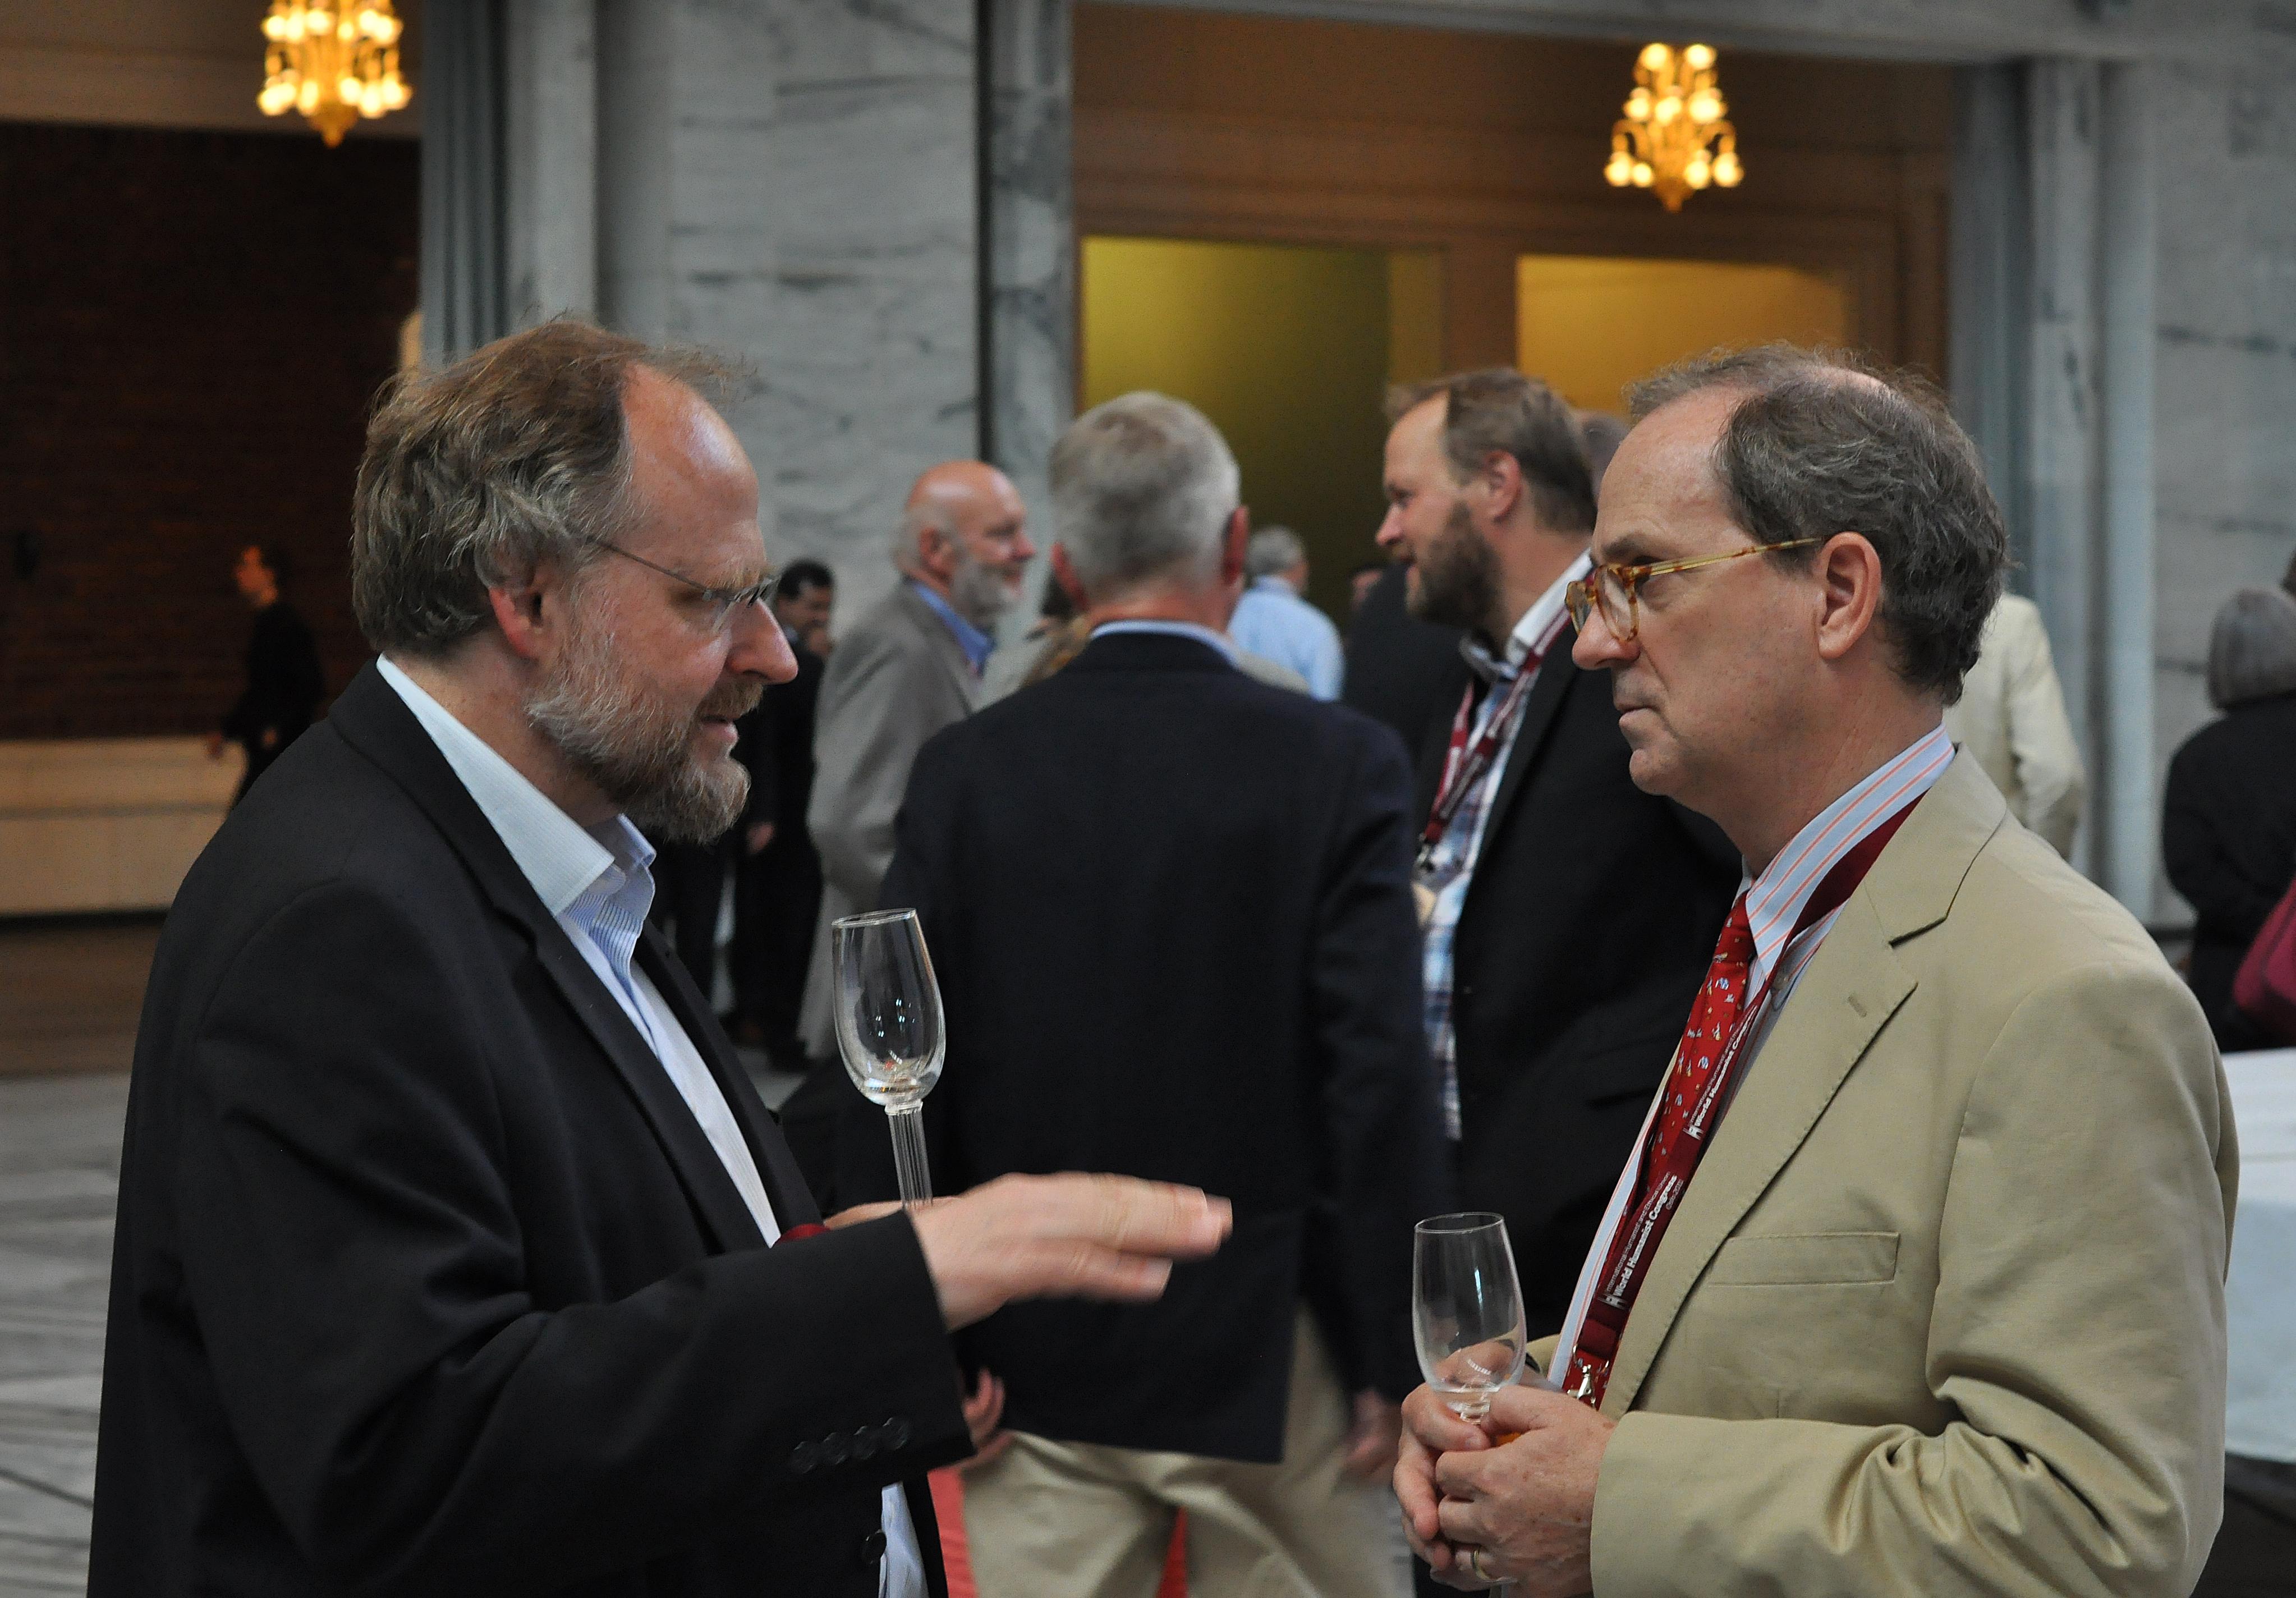 Heiner Bielefeldt is in the left